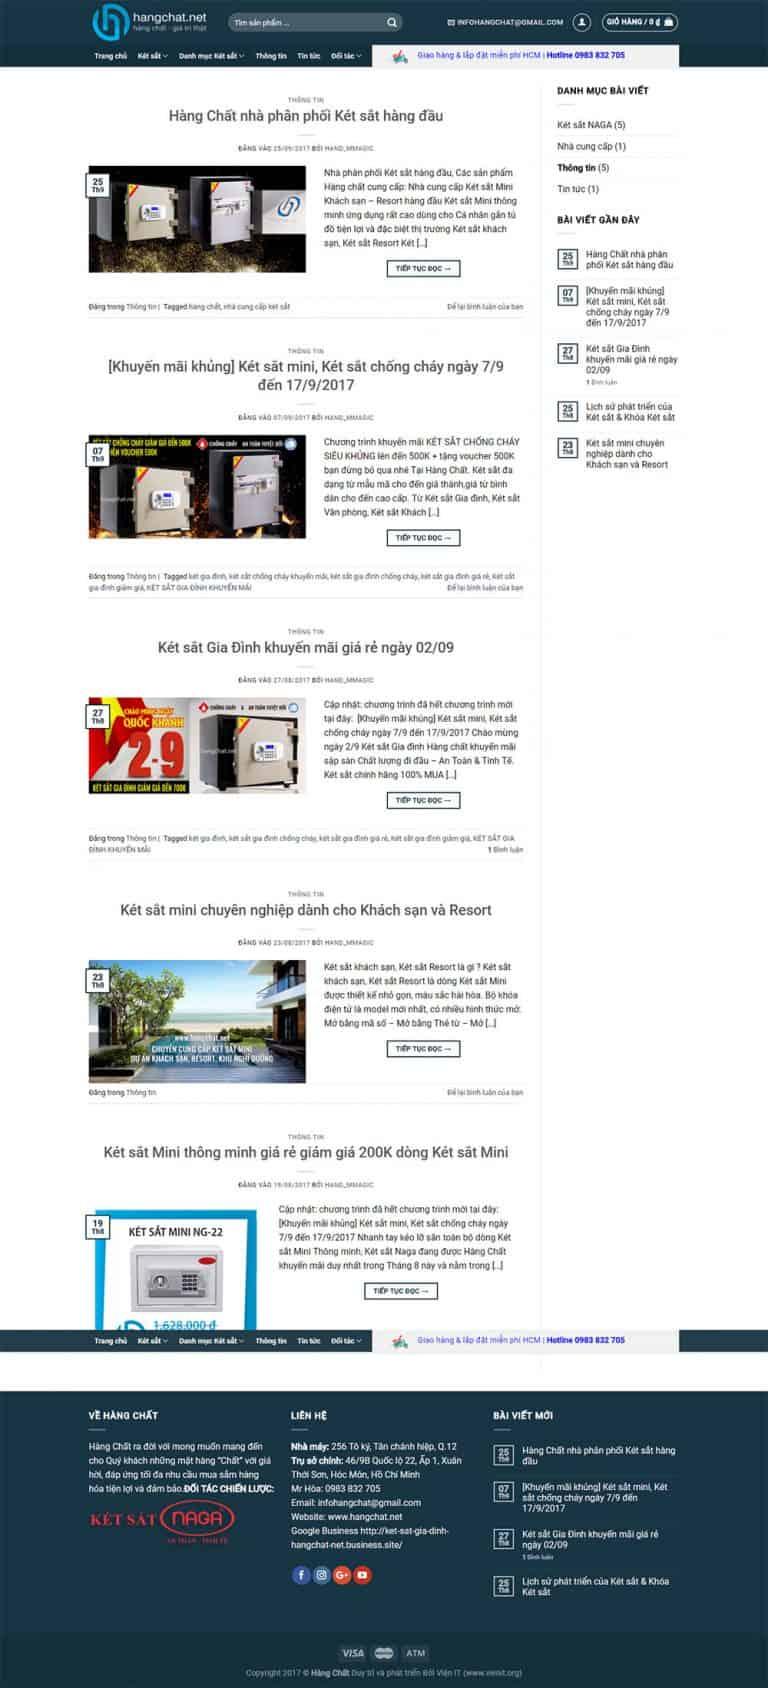 Trang bài viết Website thương mại điện tử Hàng chất